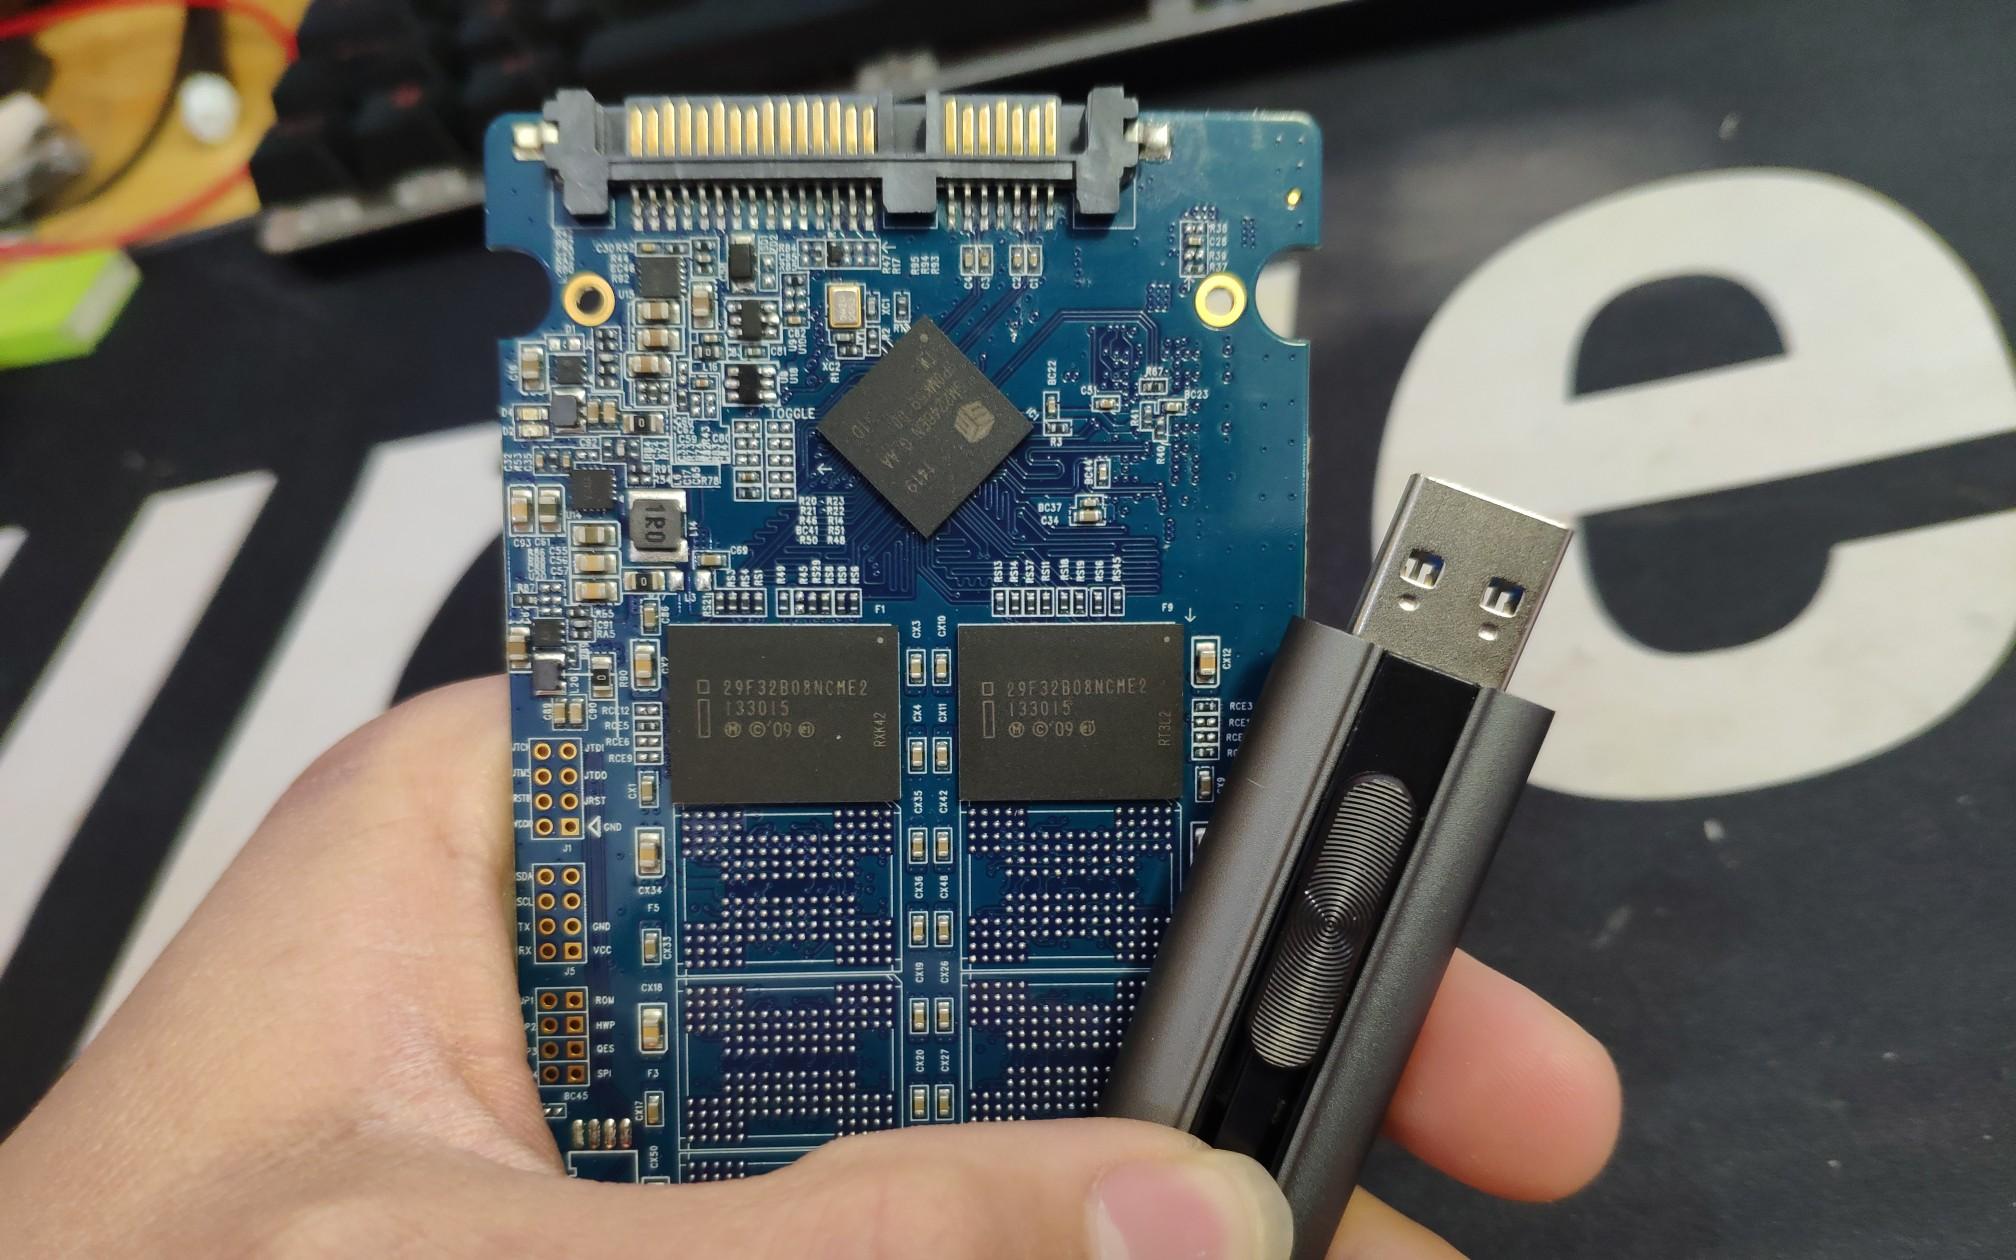 坏的固态硬盘没价值修了,拆了闪存芯片做成U盘用吧!